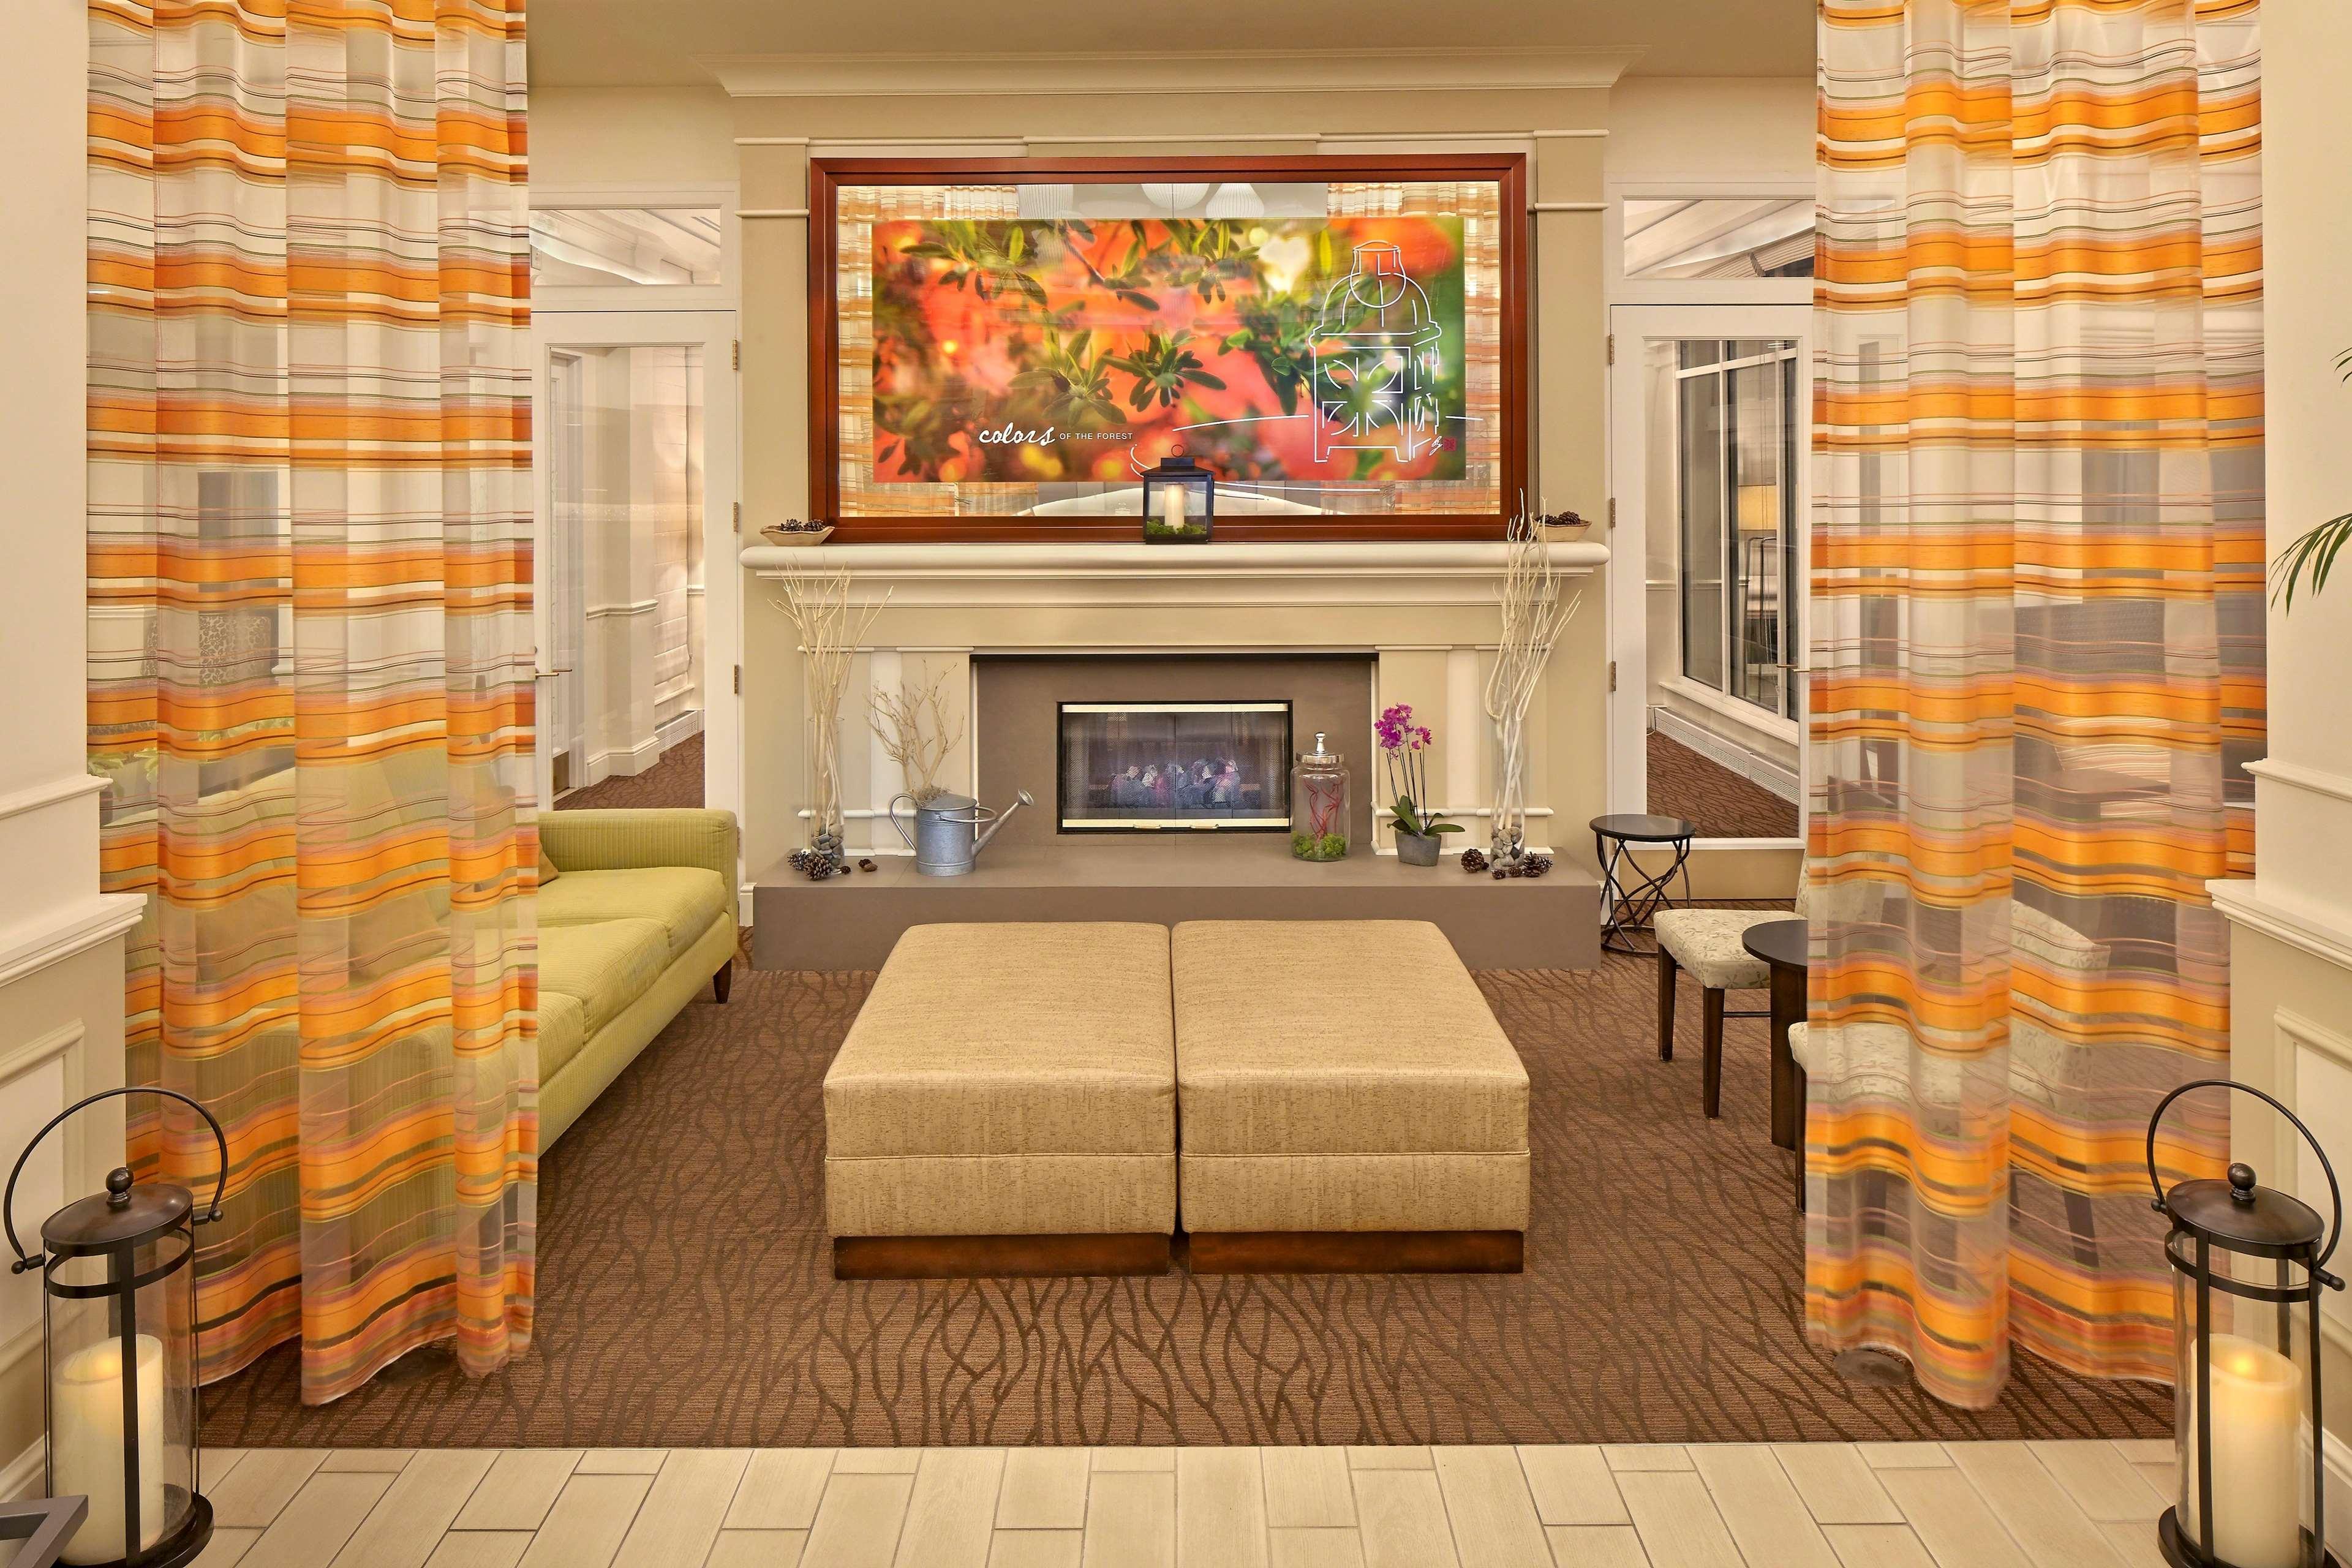 Hilton Garden Inn Danbury image 2